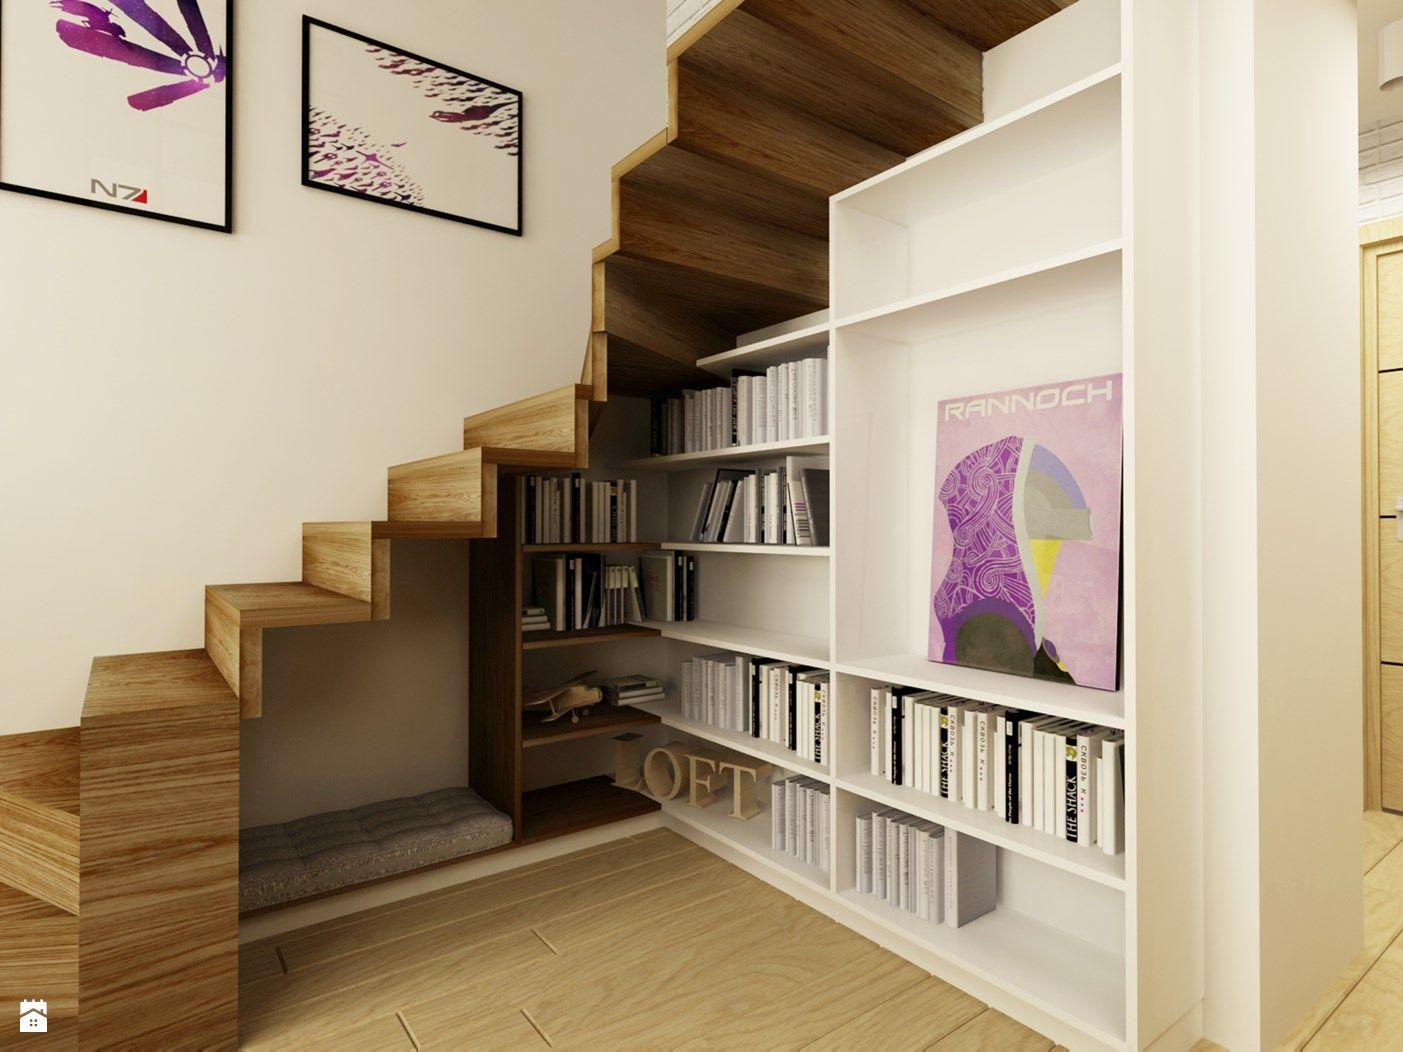 Schody styl minimalistyczny design me too schody stairs